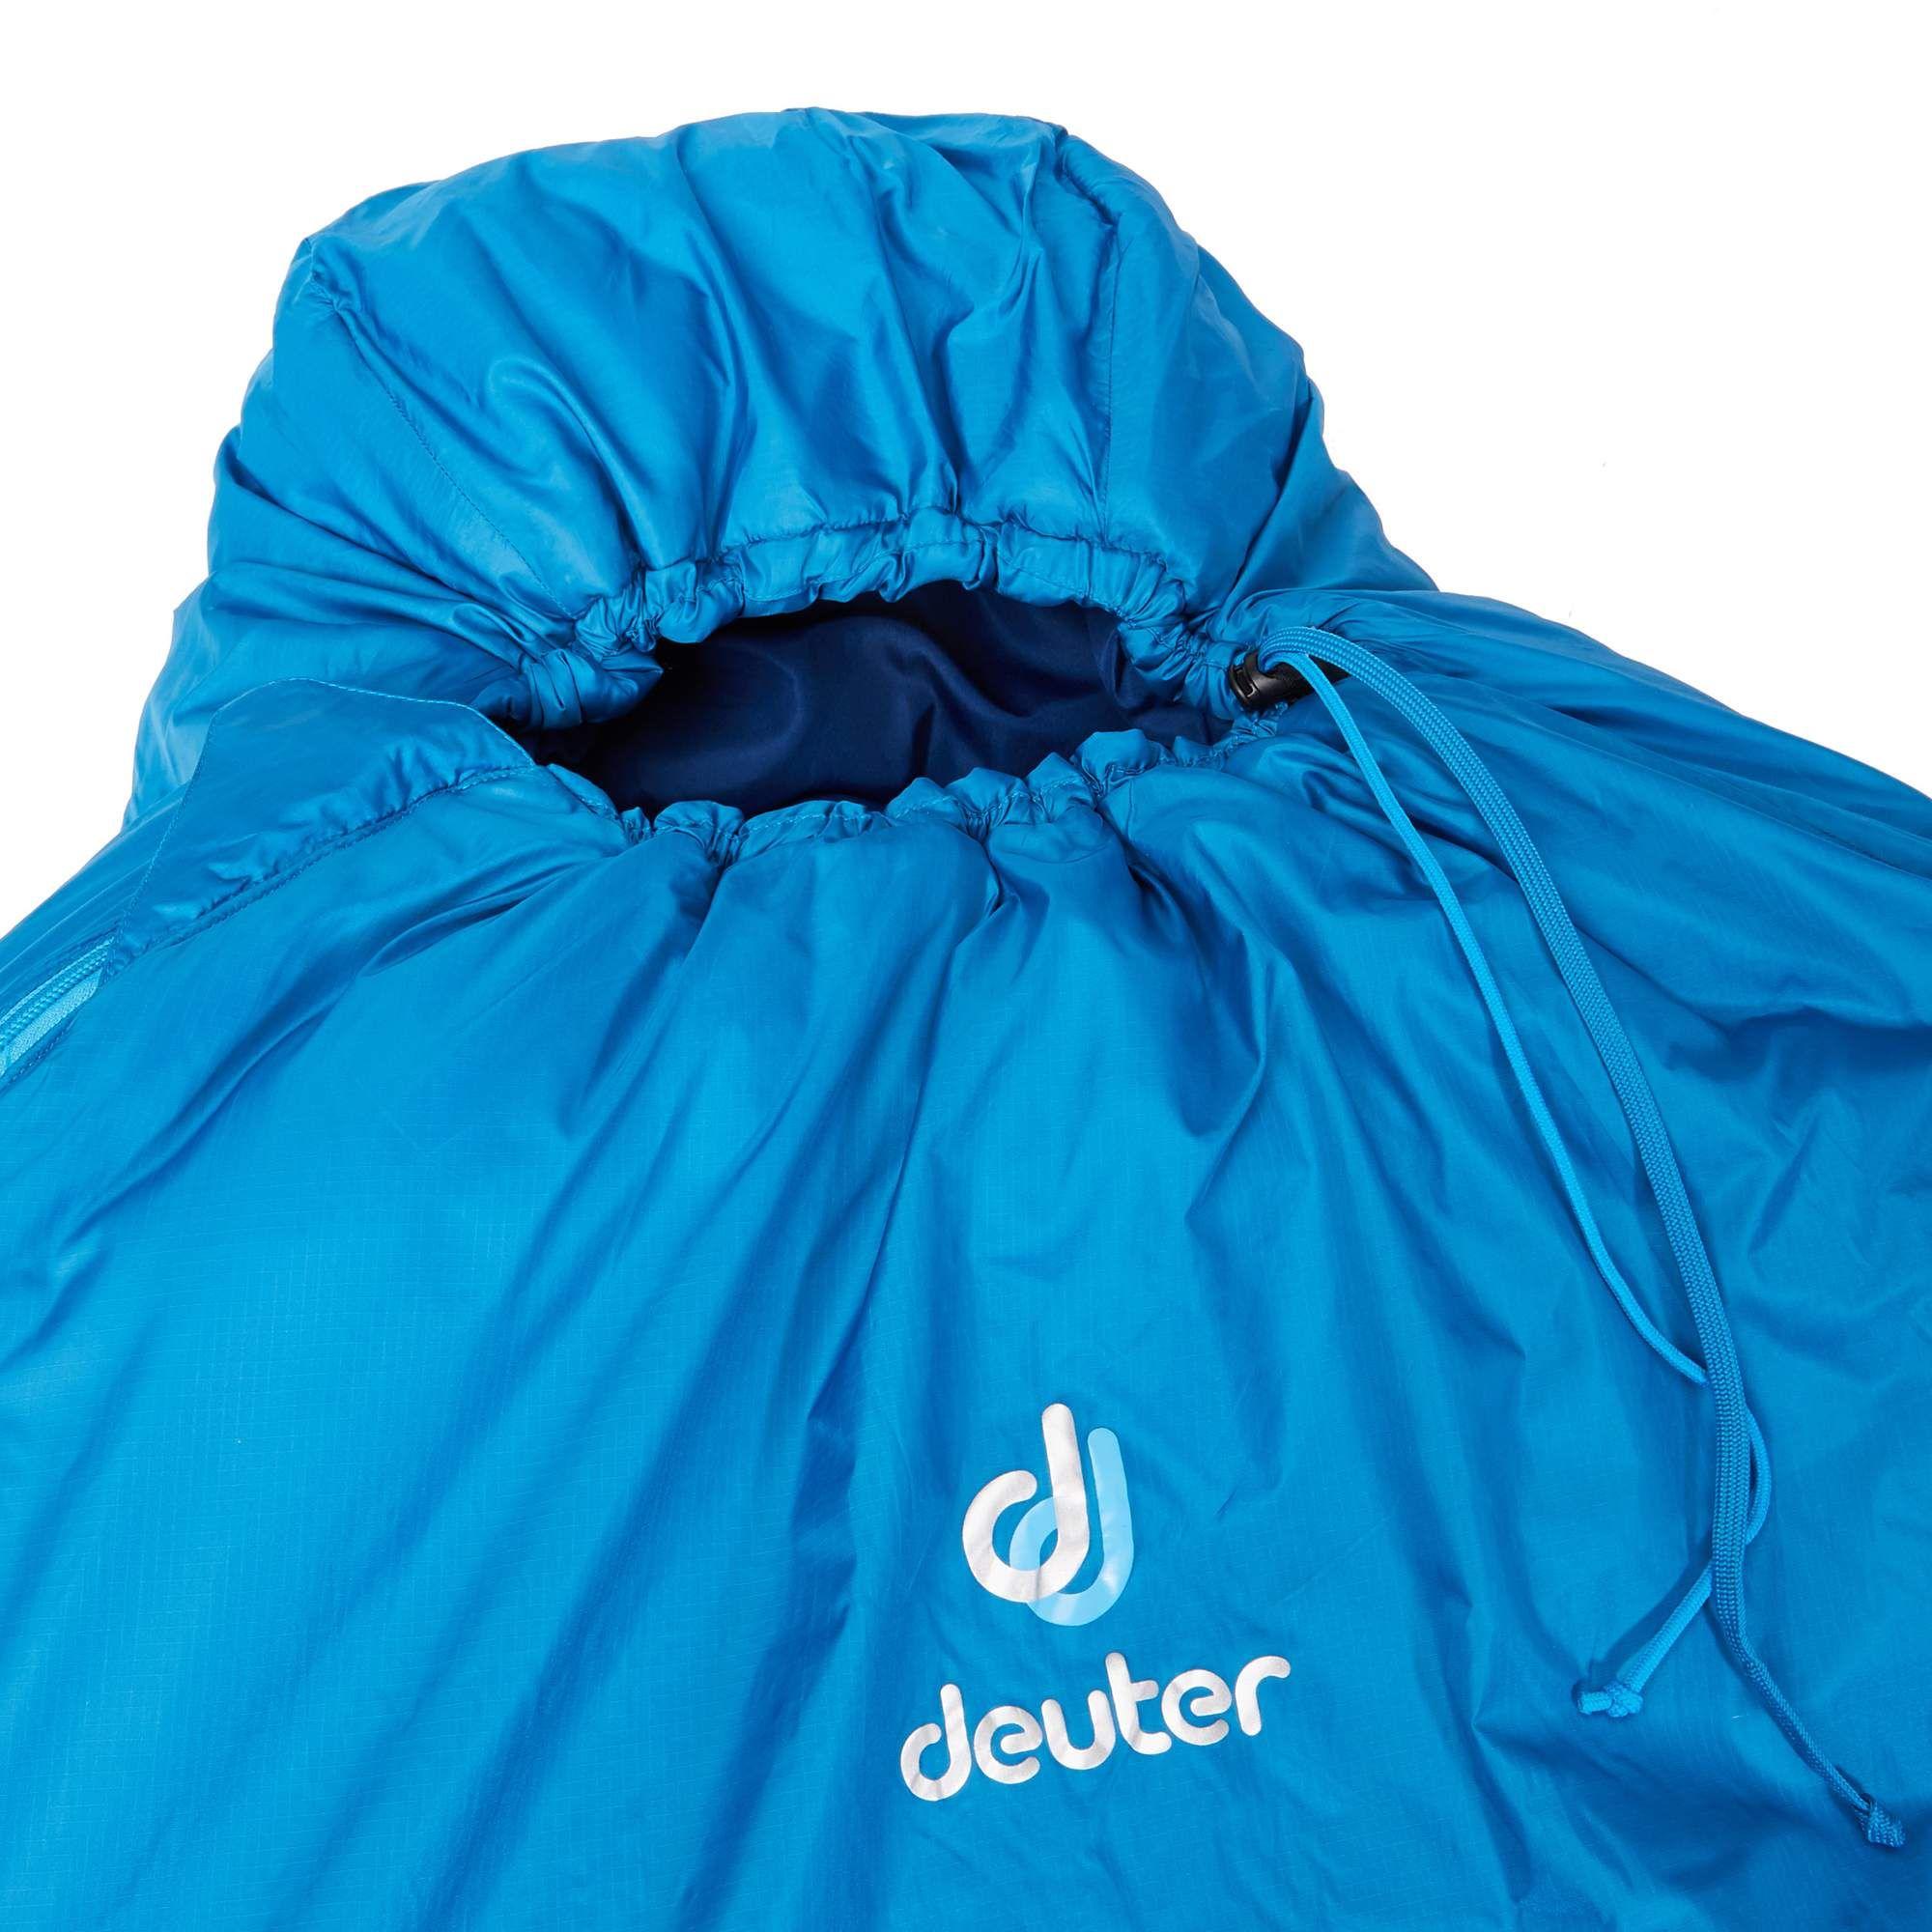 Спальный мешок Deuter Orbit 0° - фото 7